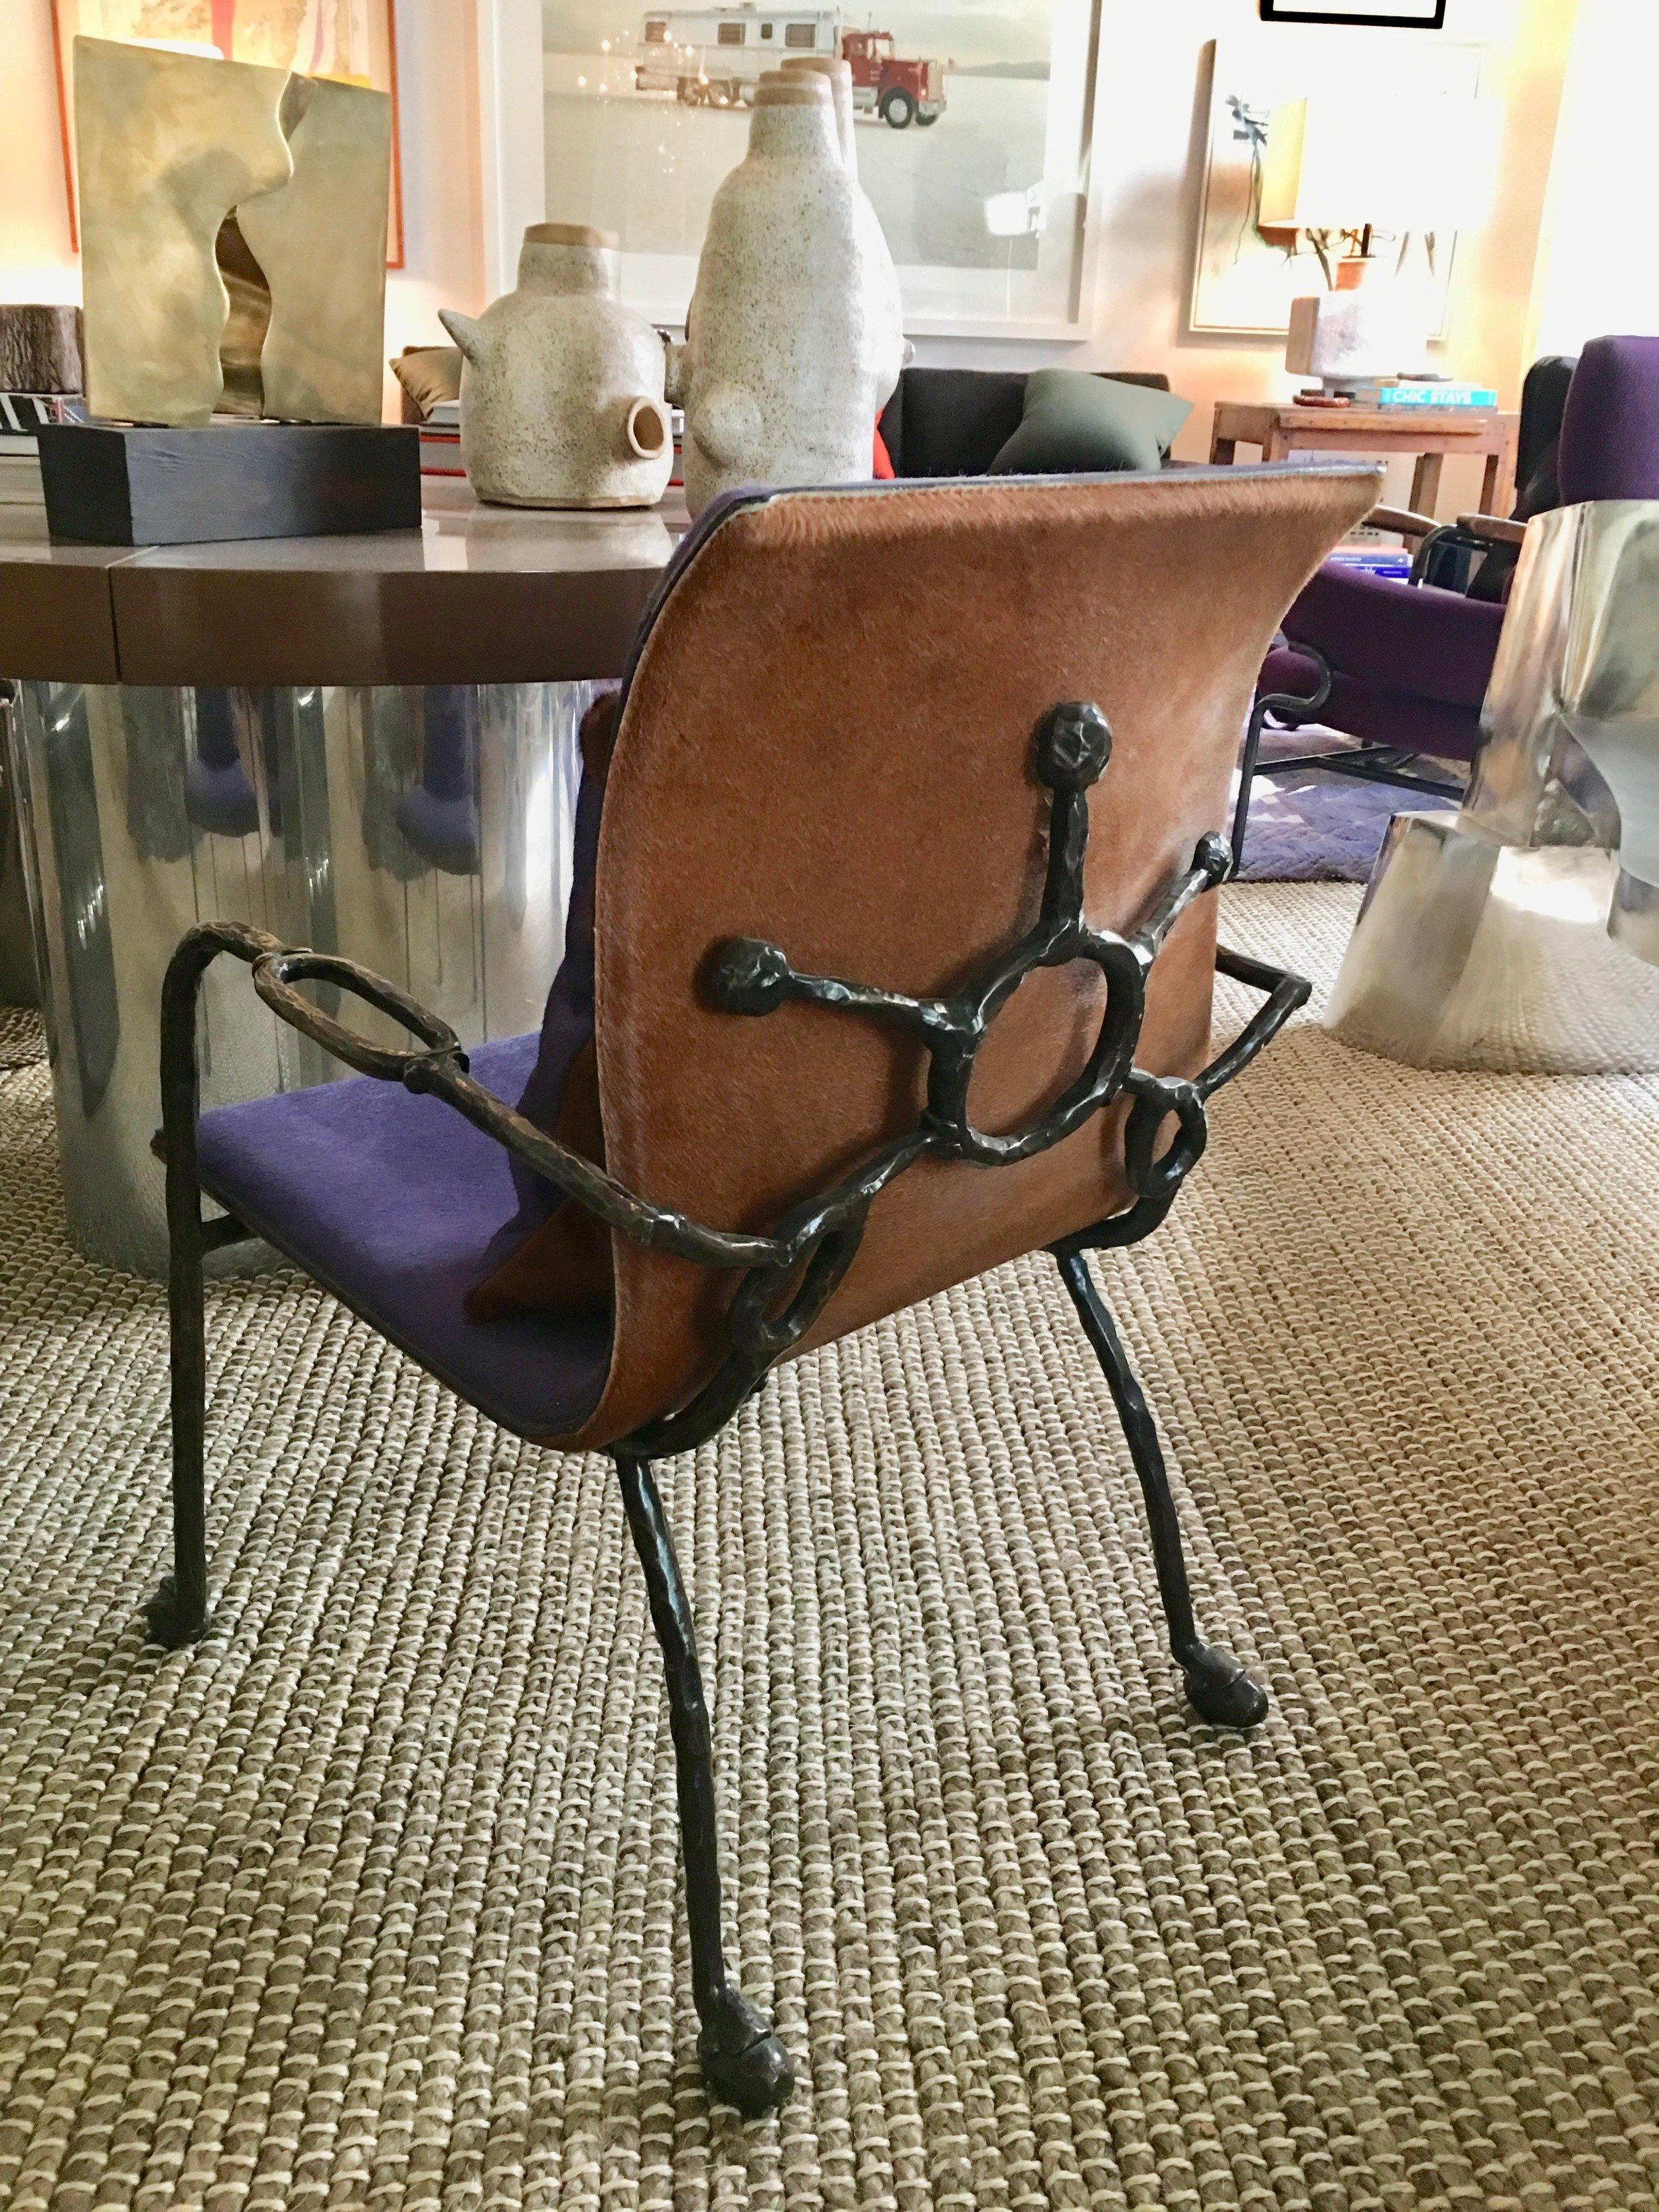 Chair by Mattai Bonetti.